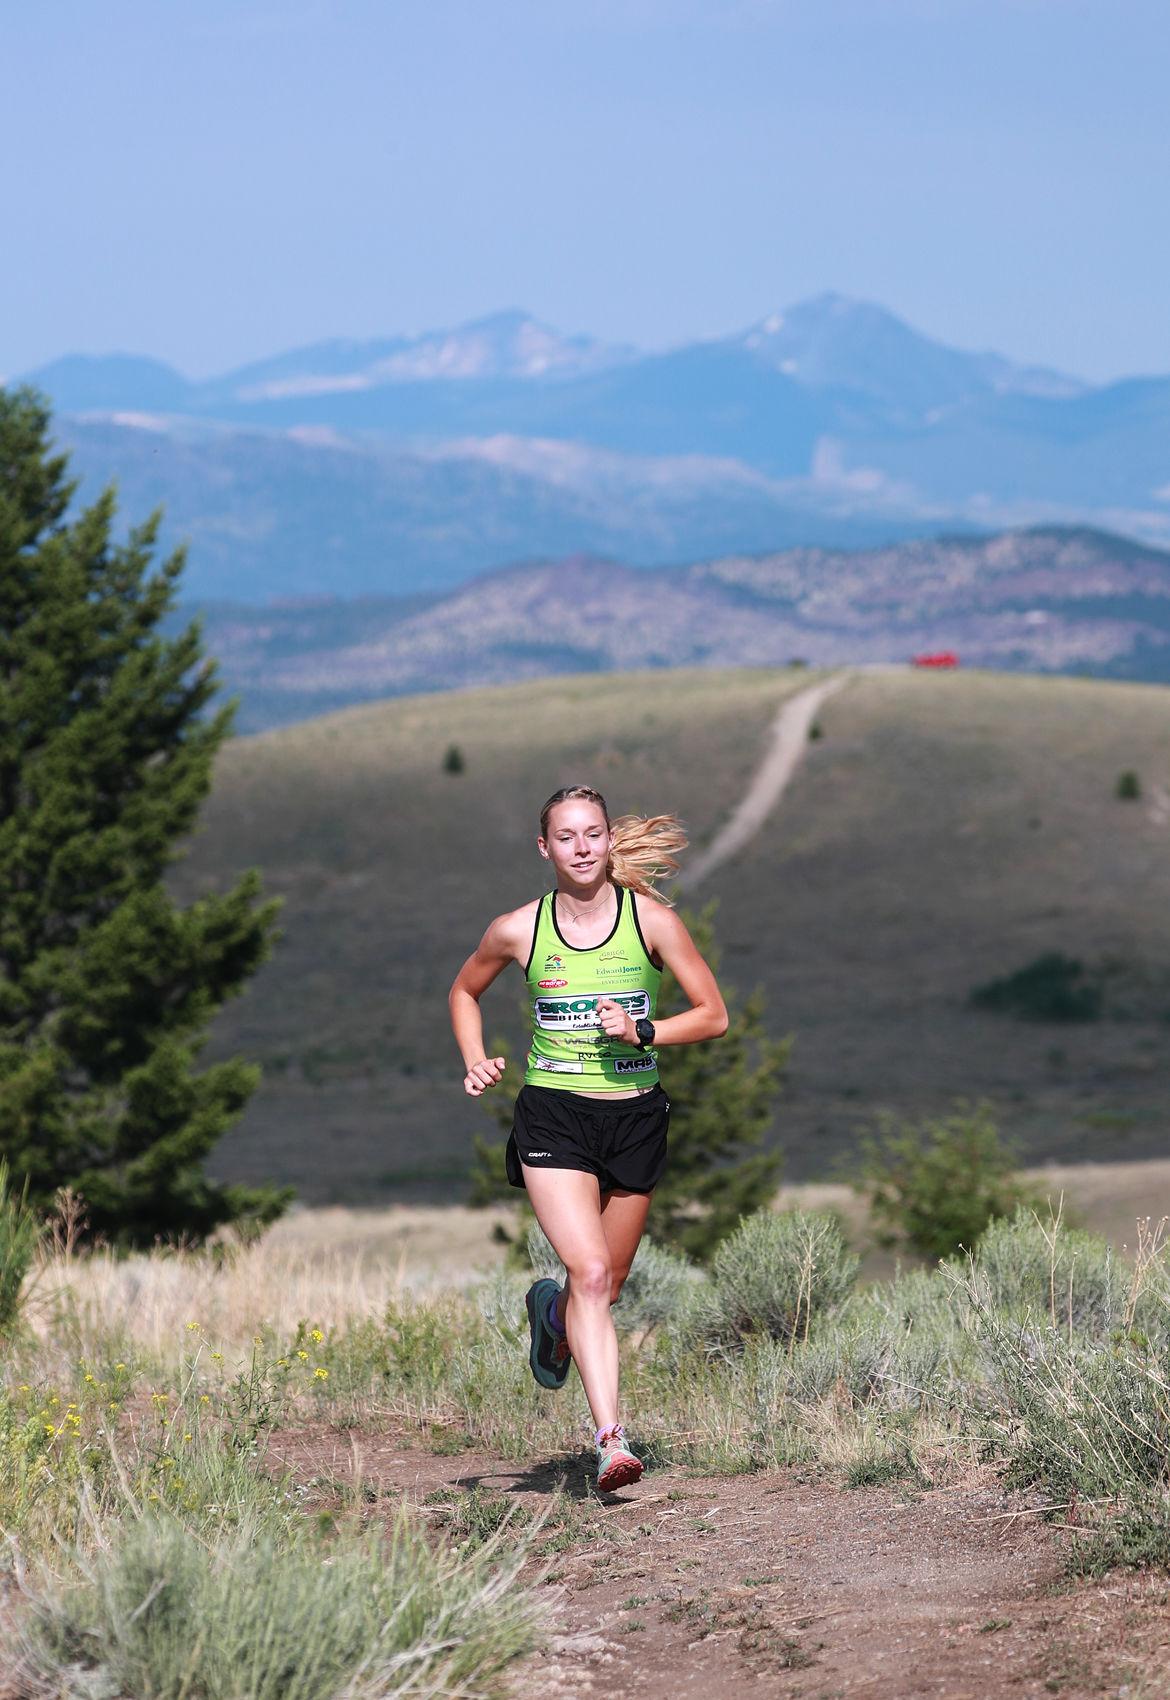 Butte athlete wins triathlon